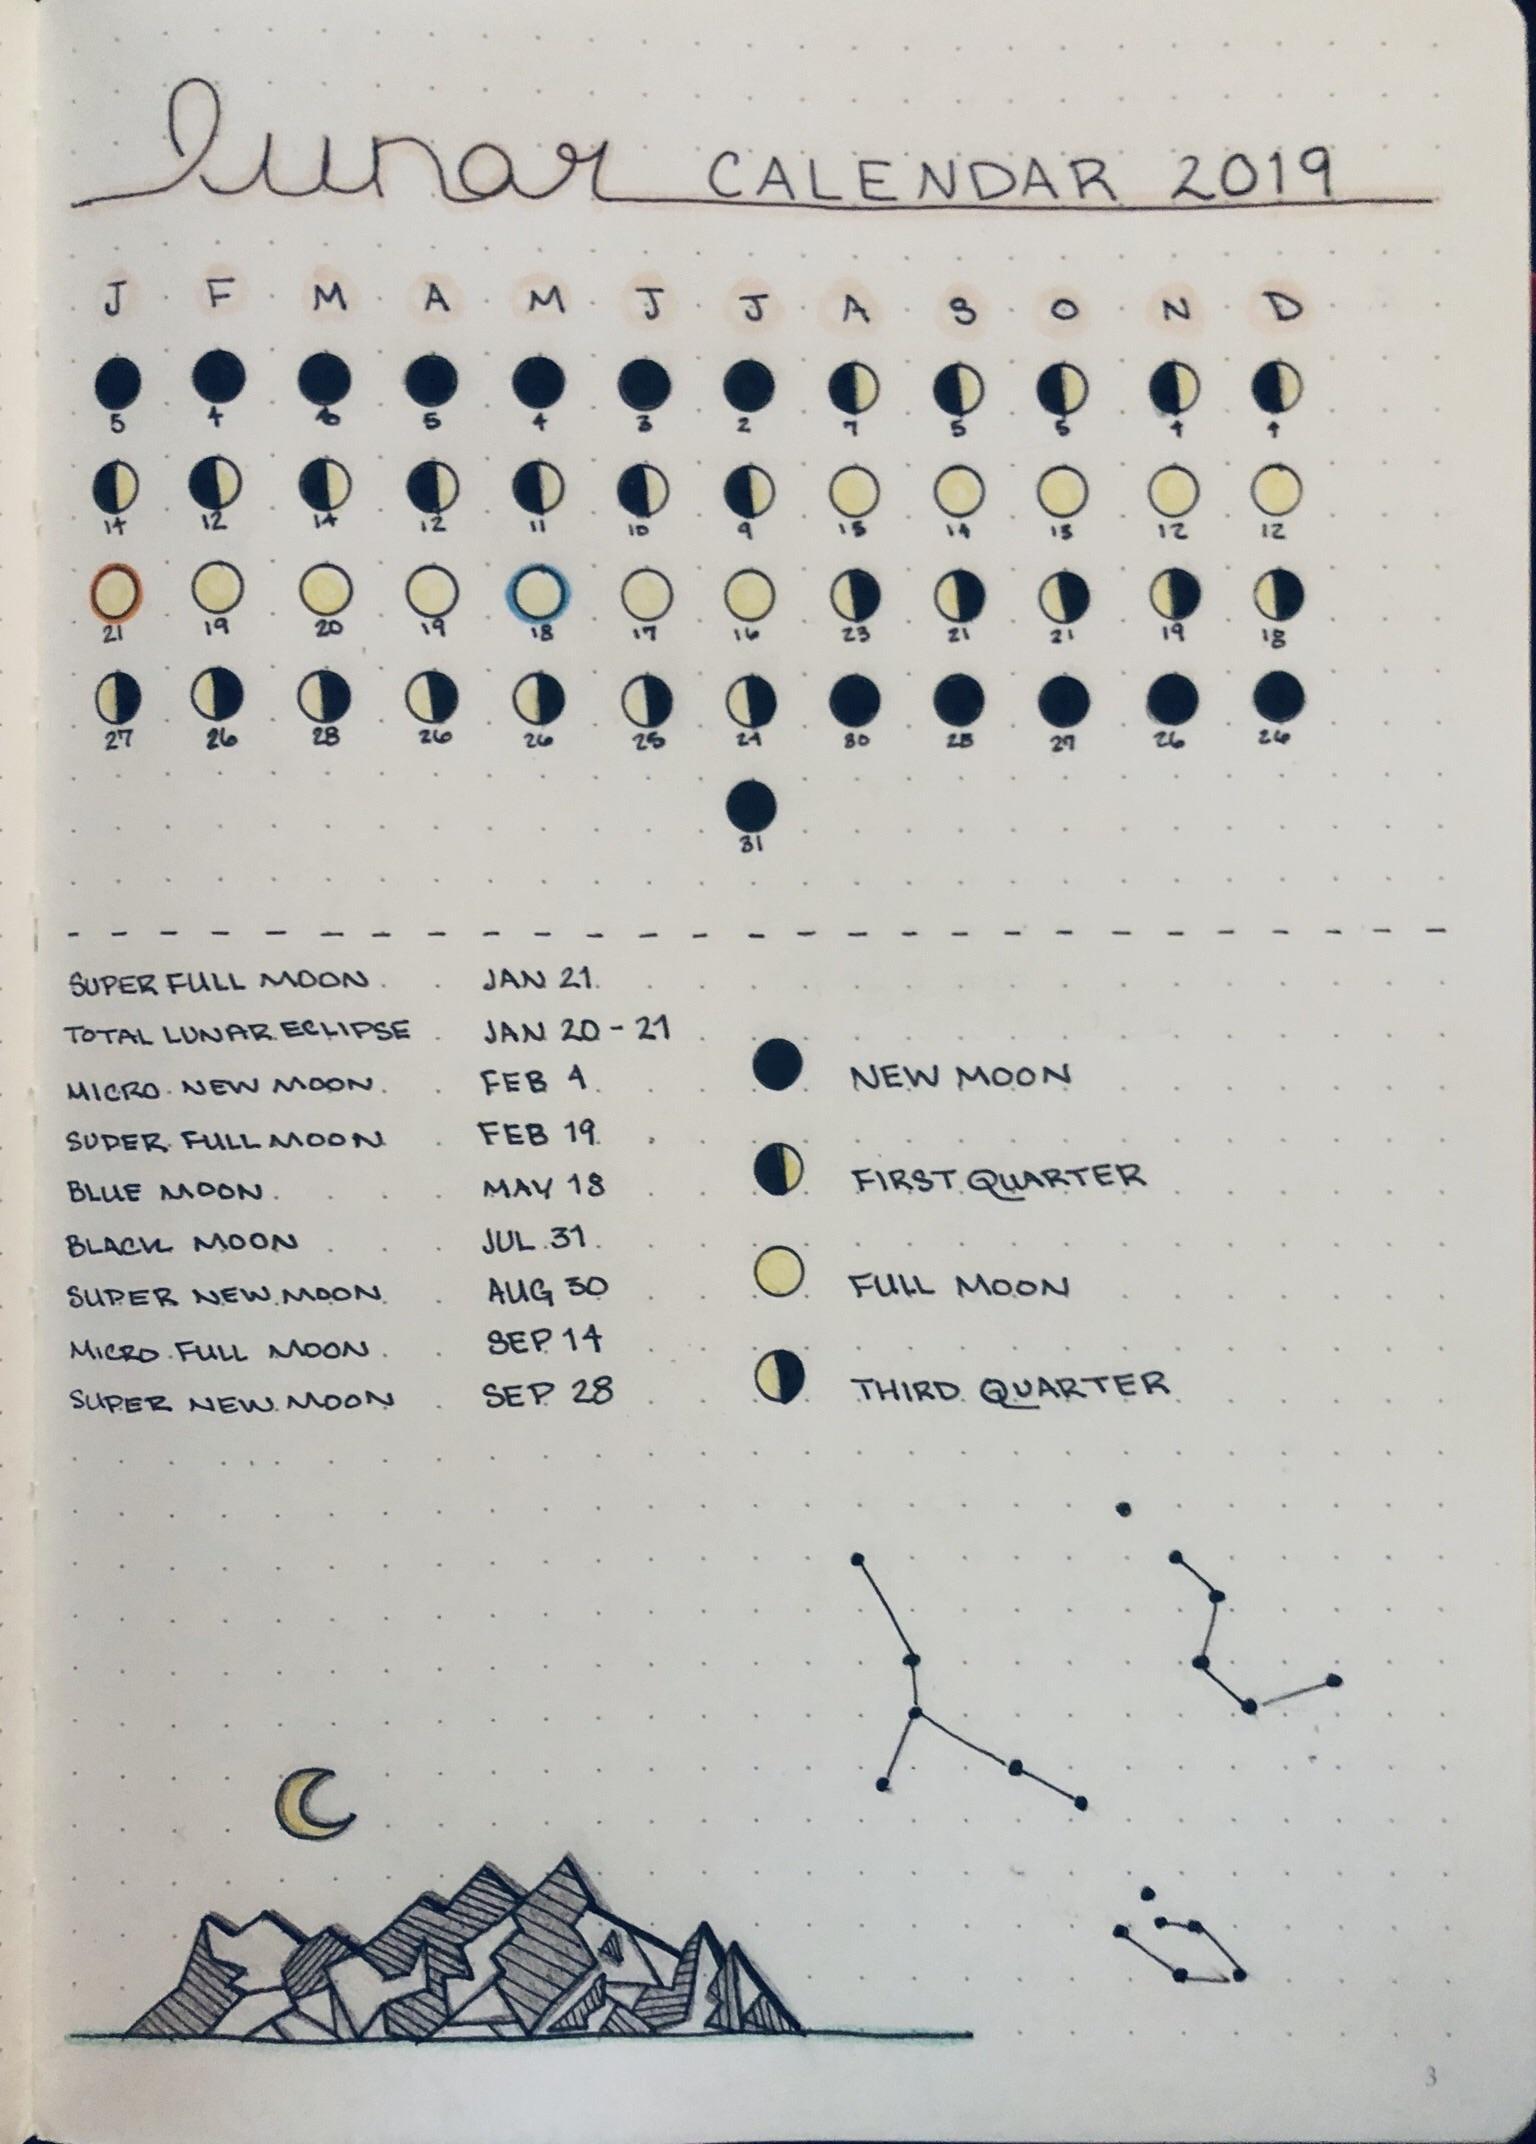 Lunar Calendar For 2019 : Bujo Calendar 2019 Lunar